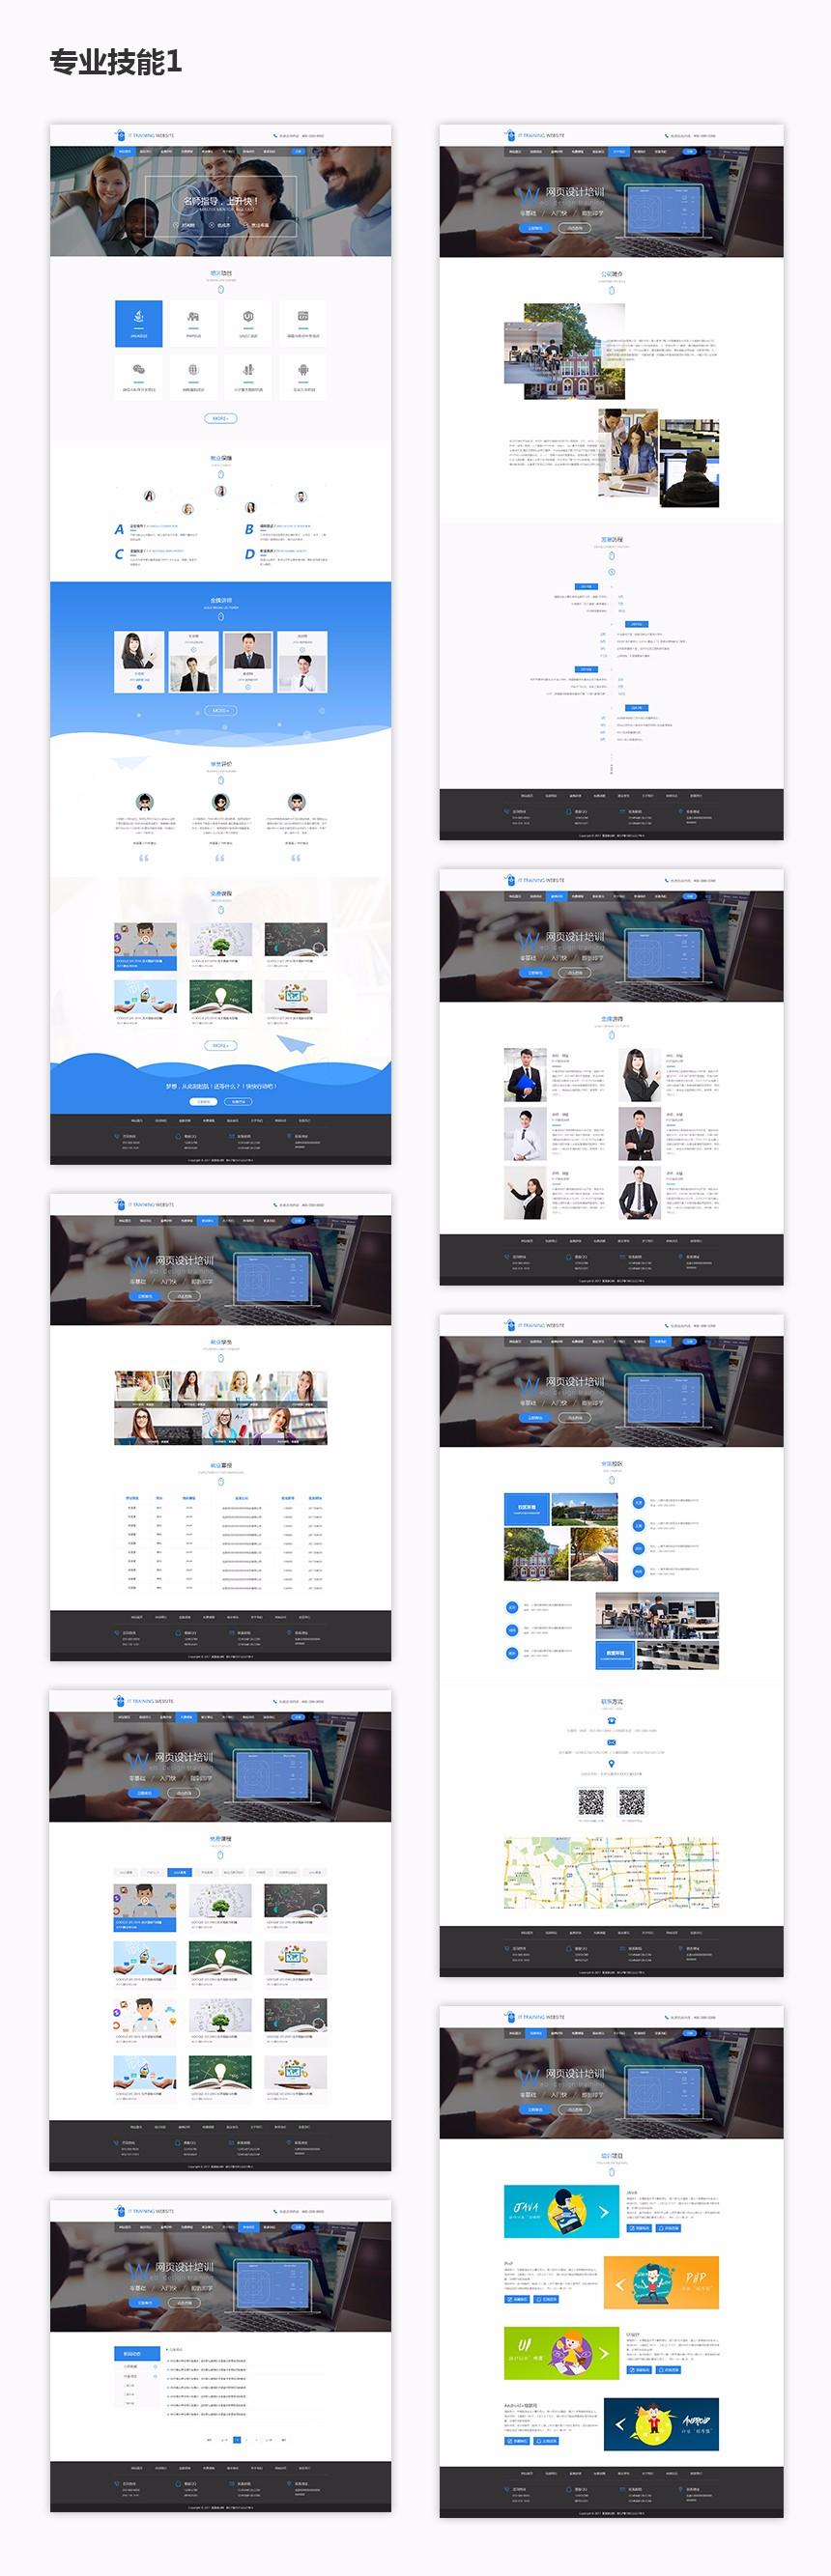 重庆专业技能培训公司培训行业网站建设.jpg